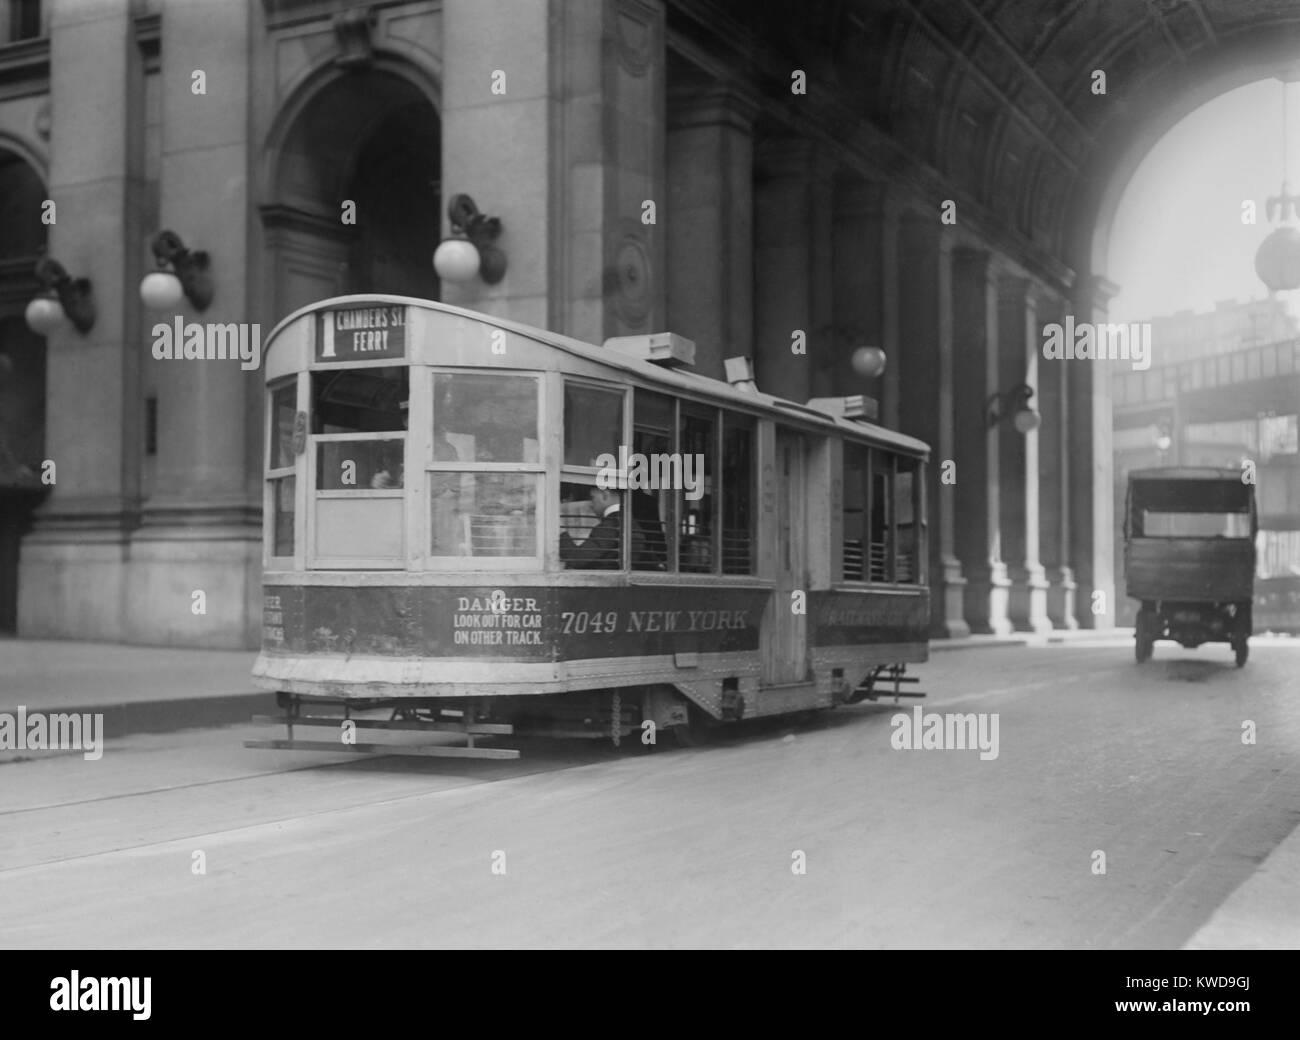 New York City Chambers Street trolley è stato alimentato dal condotto di  costosi corrente elettrica sotto caa1f2b8337b